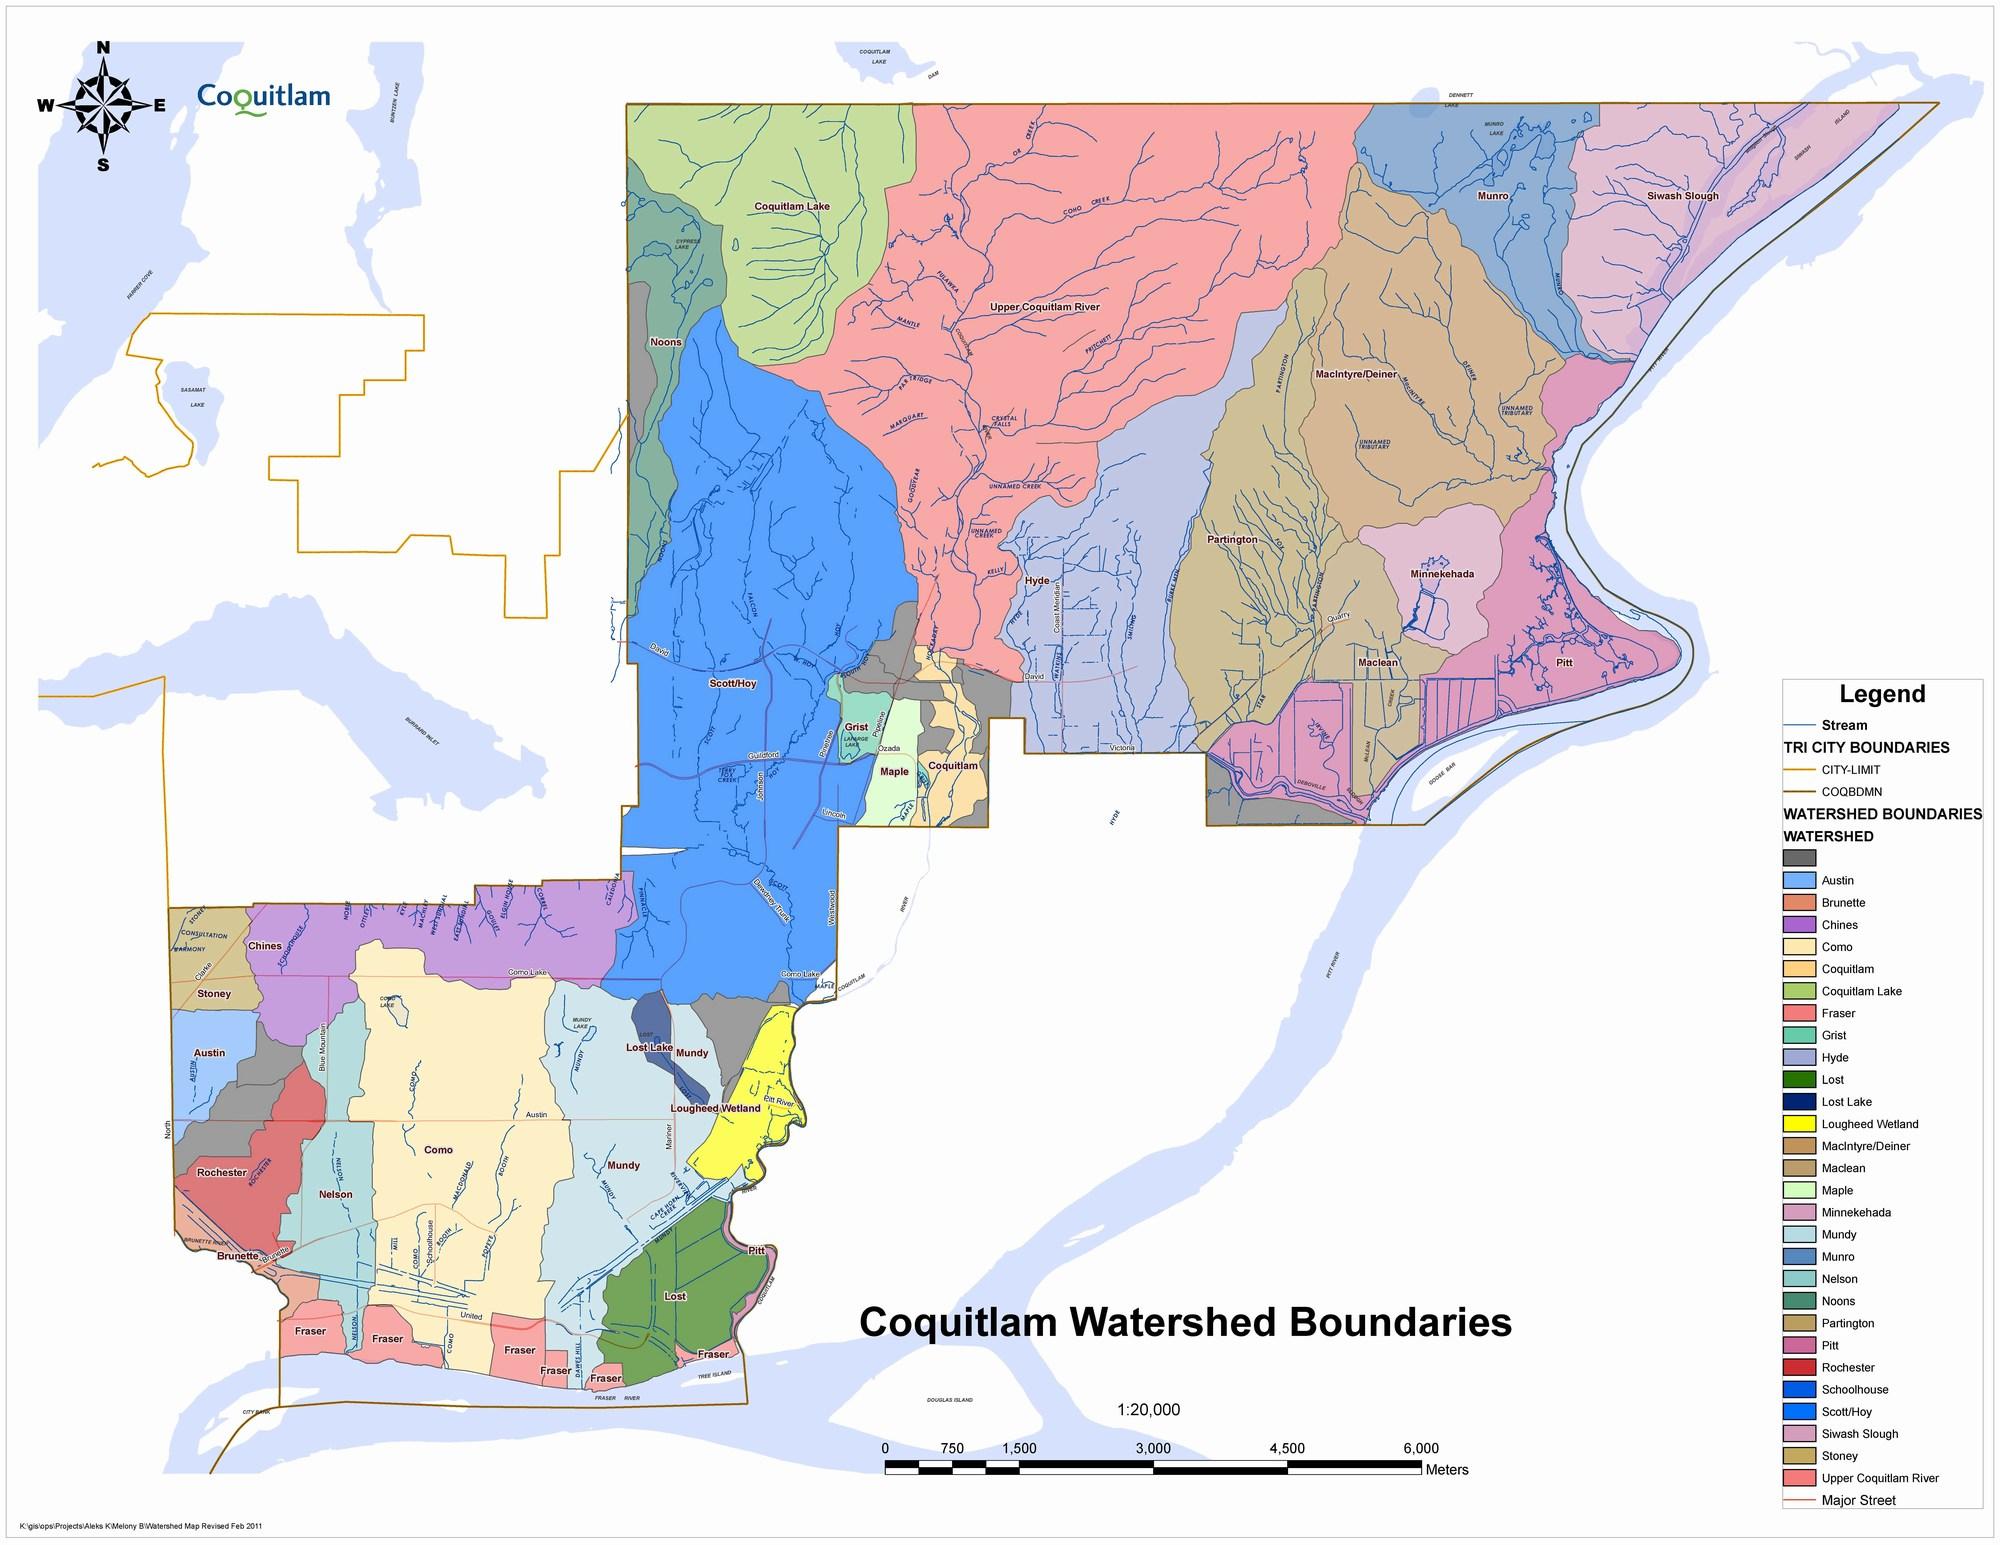 Coquitlam_Watershed_Boundaries_2012_2000p